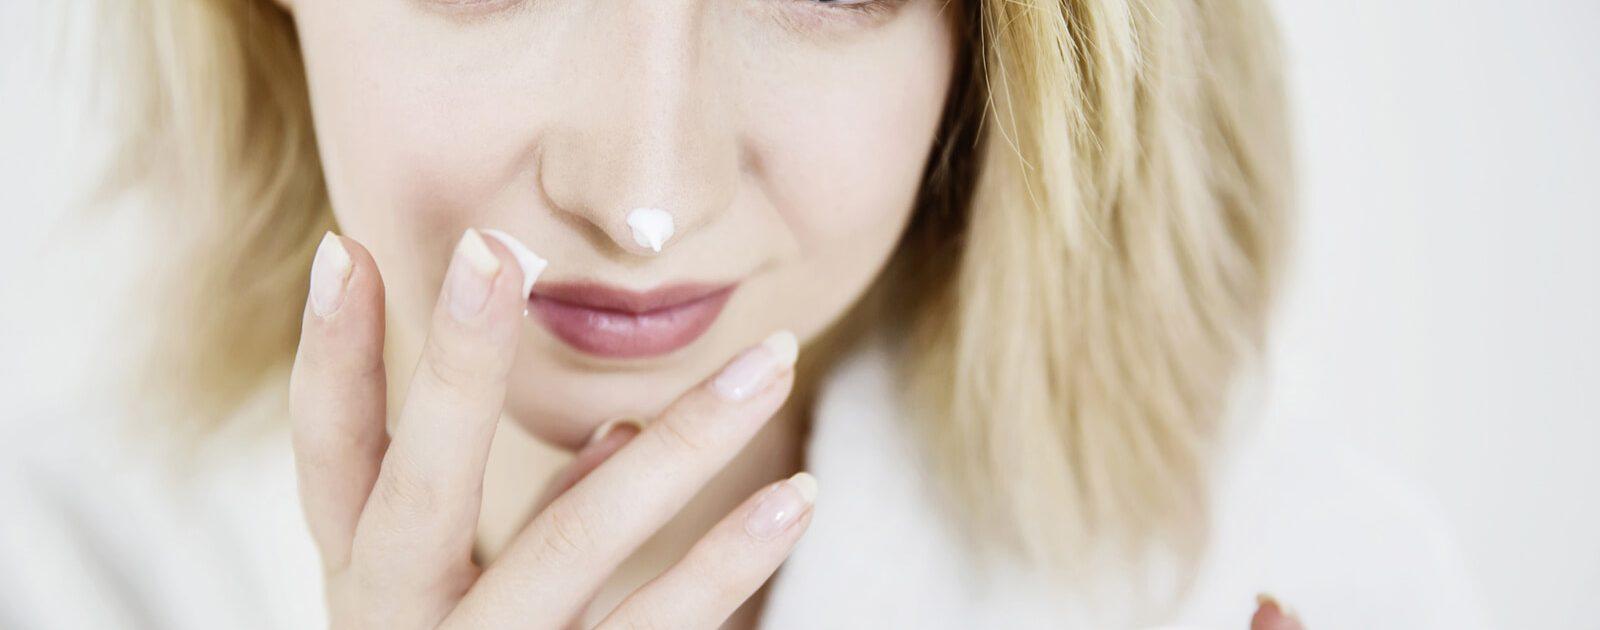 Mit Produkten zur Nasenpflege, wie Salben, trockenen Schleimhäuten vorbeugen.